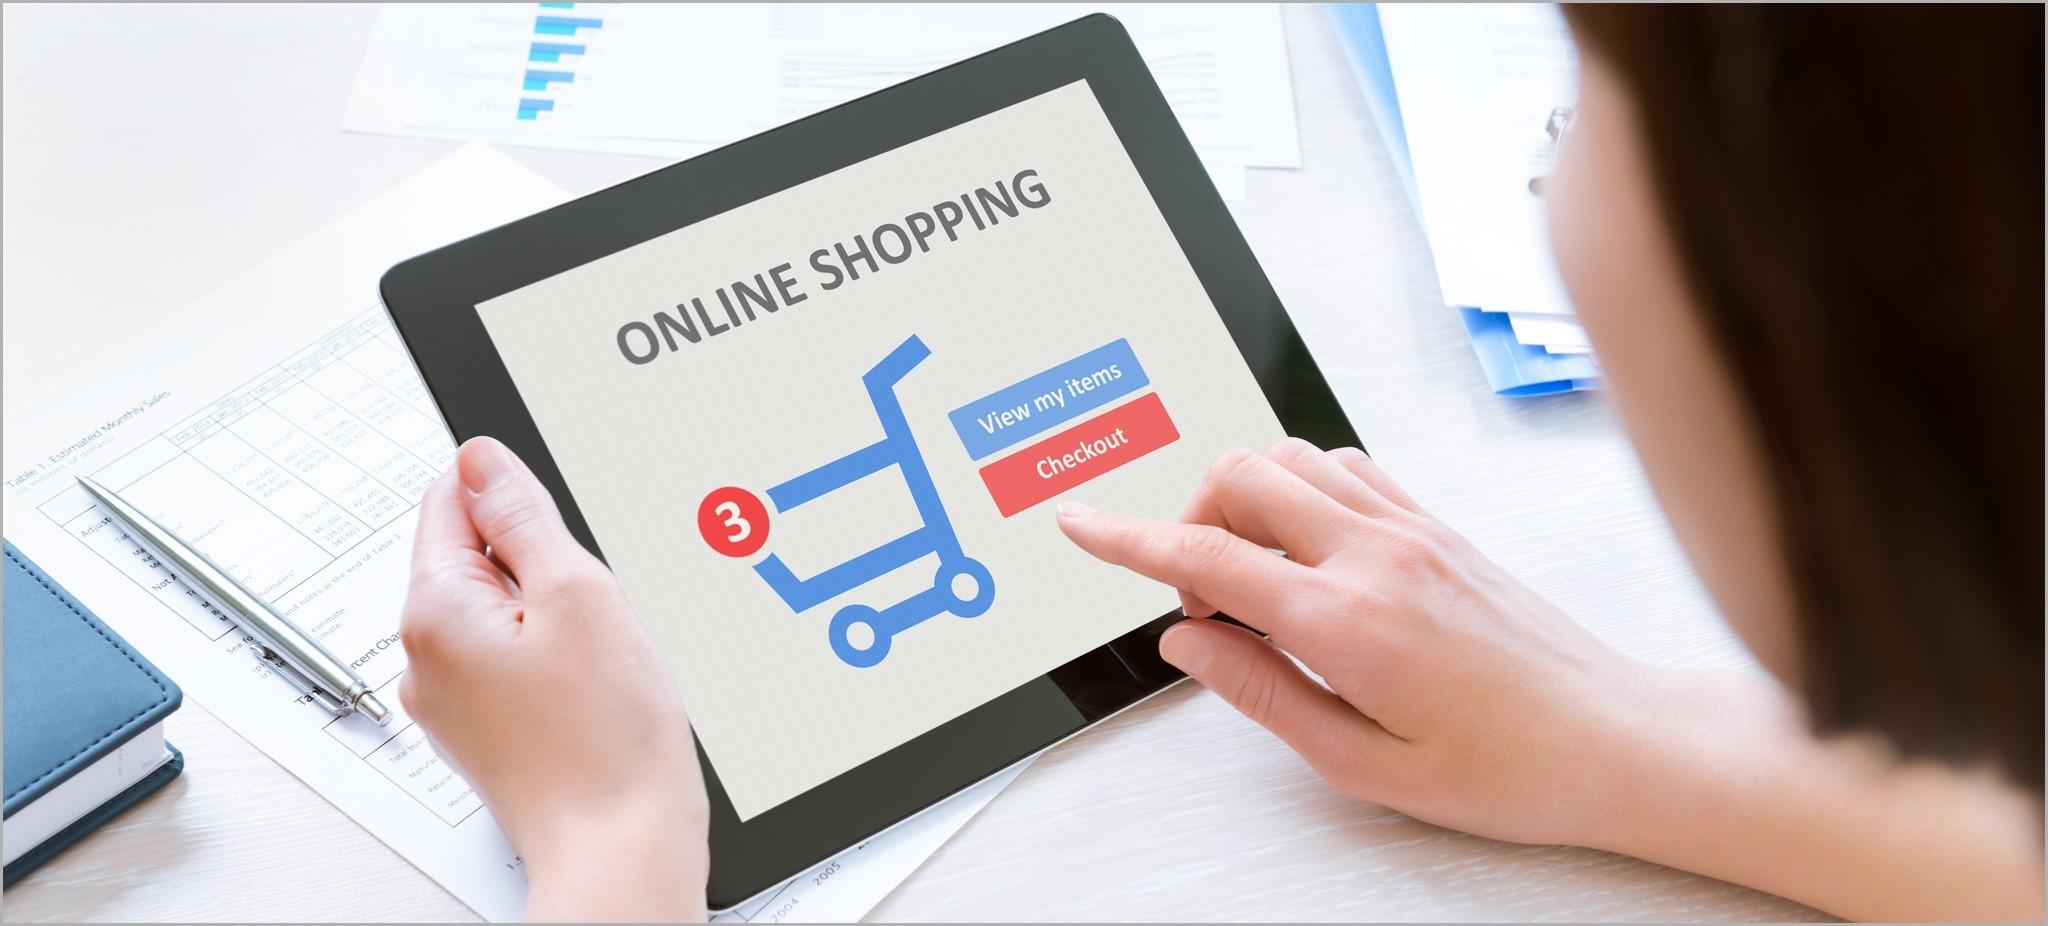 10 kỹ năng để mua hàng qua mạng một cách an toàn?